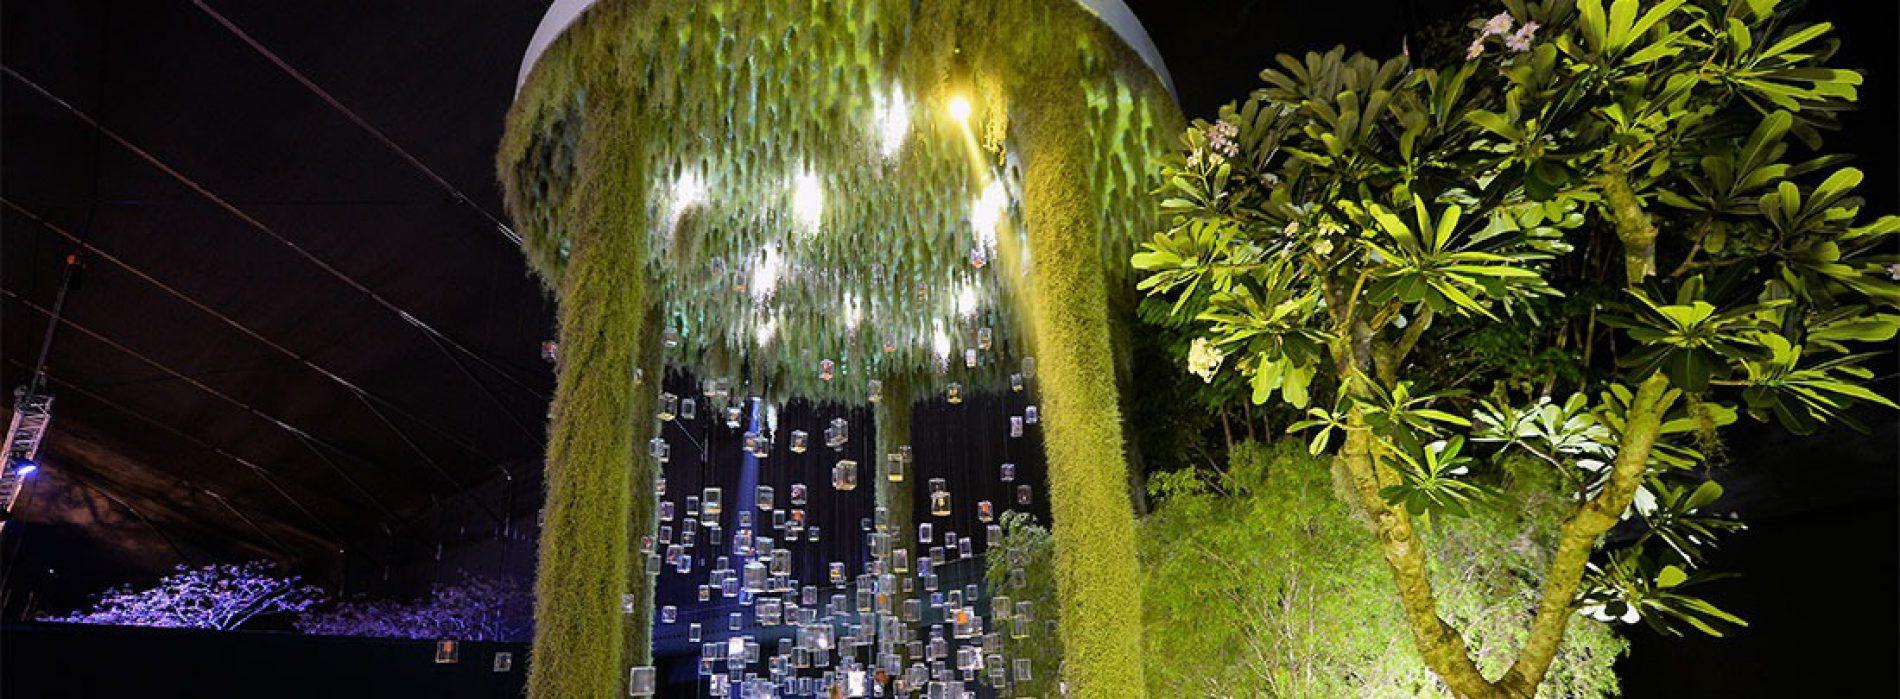 Paesaggista fiorentino premiato a Singapore